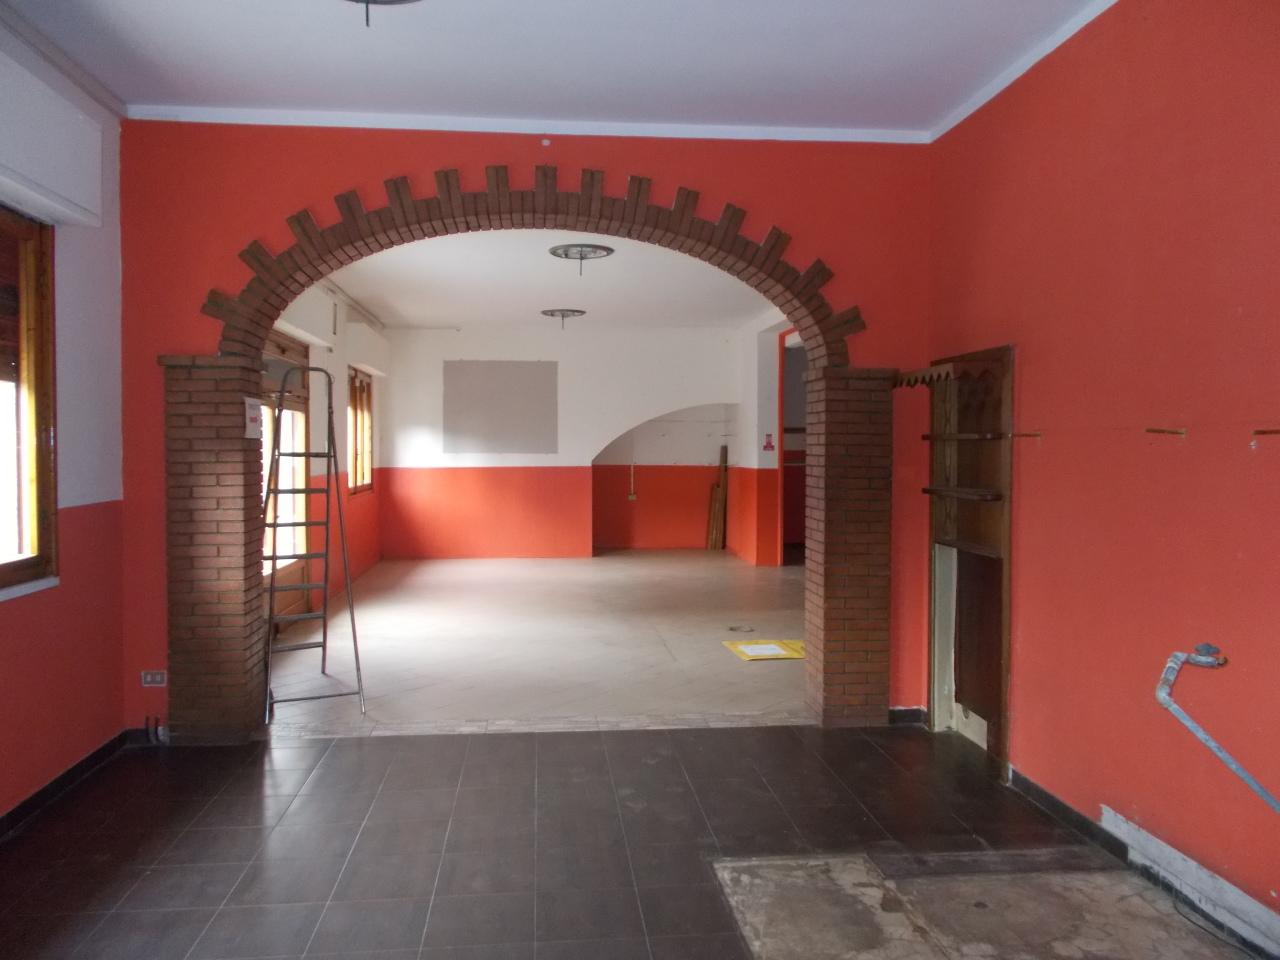 Negozio / Locale in vendita a Montale, 3 locali, prezzo € 250.000 | CambioCasa.it